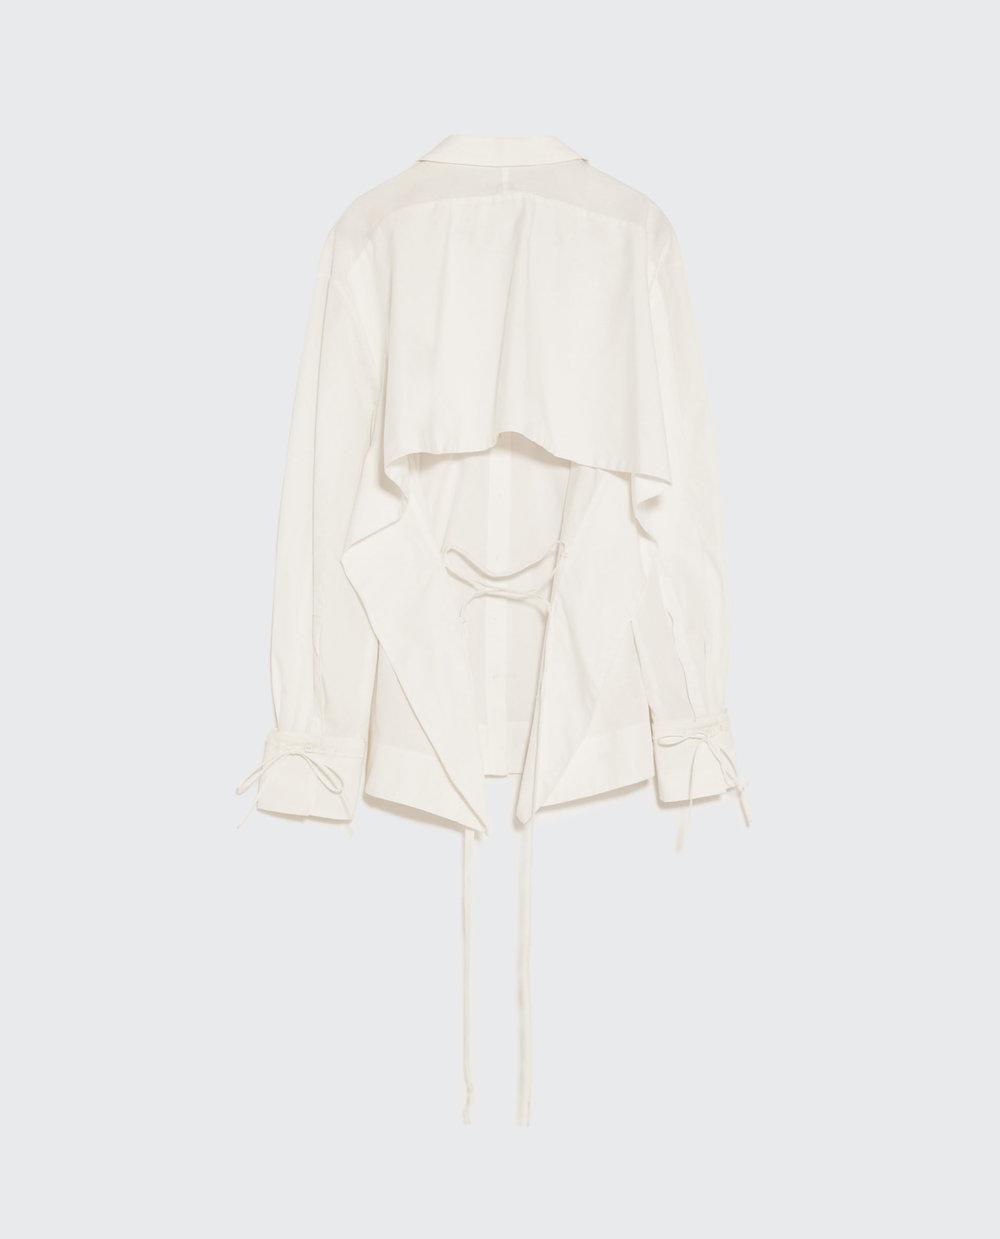 Camisa assimétrica com fita, 49,95€